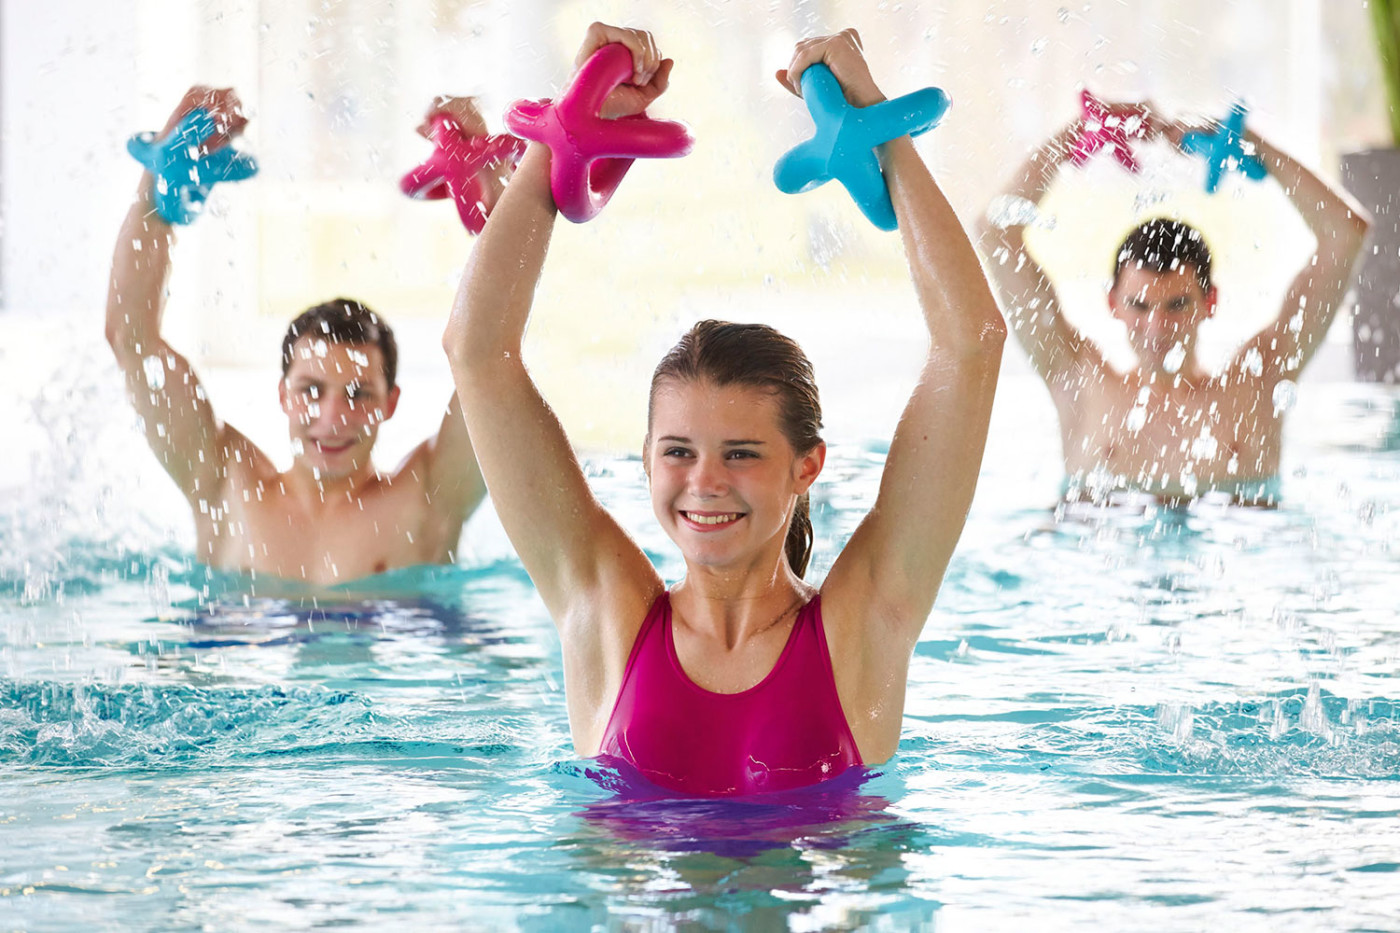 Упражнения для похудения в бассейне - комплексы тренировок с видео